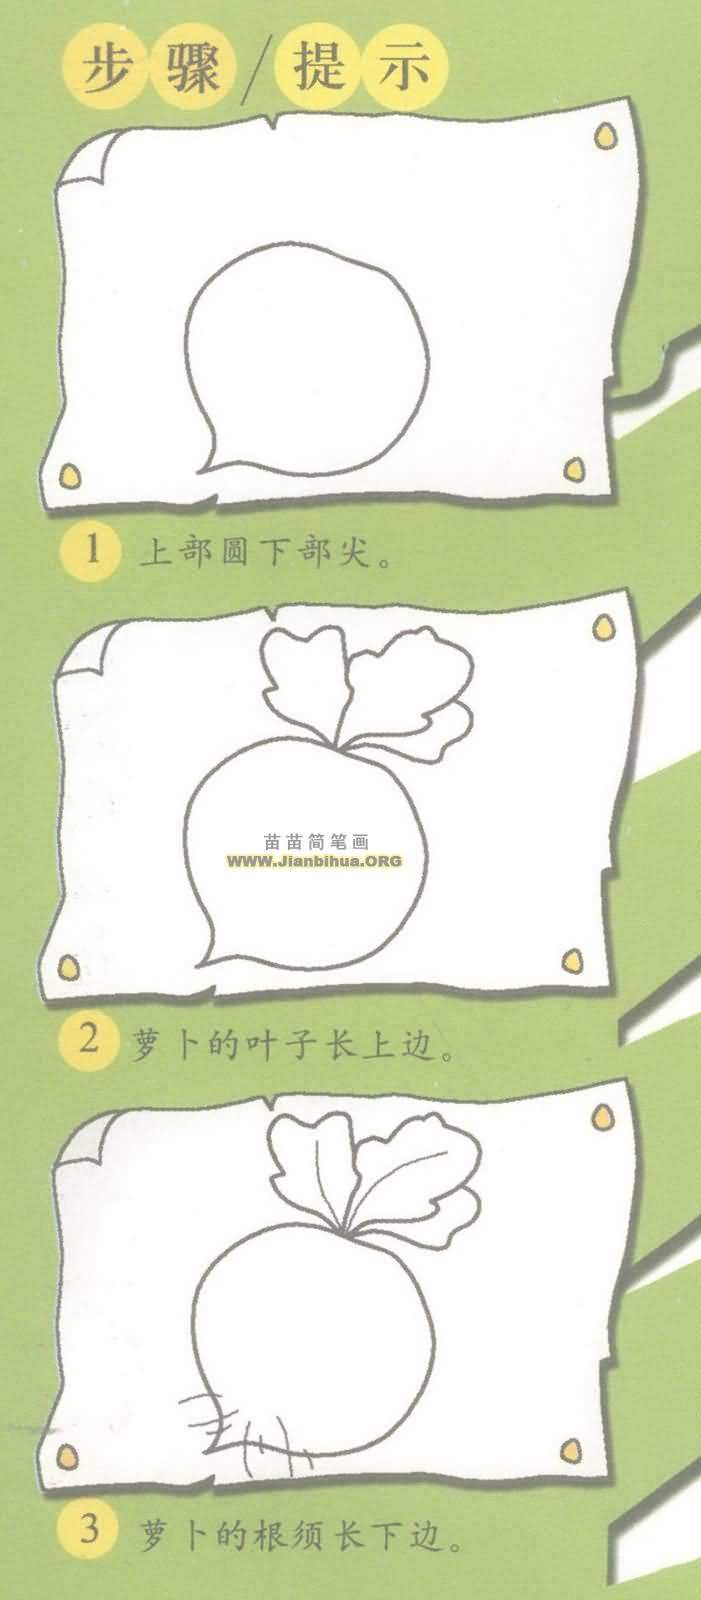 水萝卜简笔画图片教程